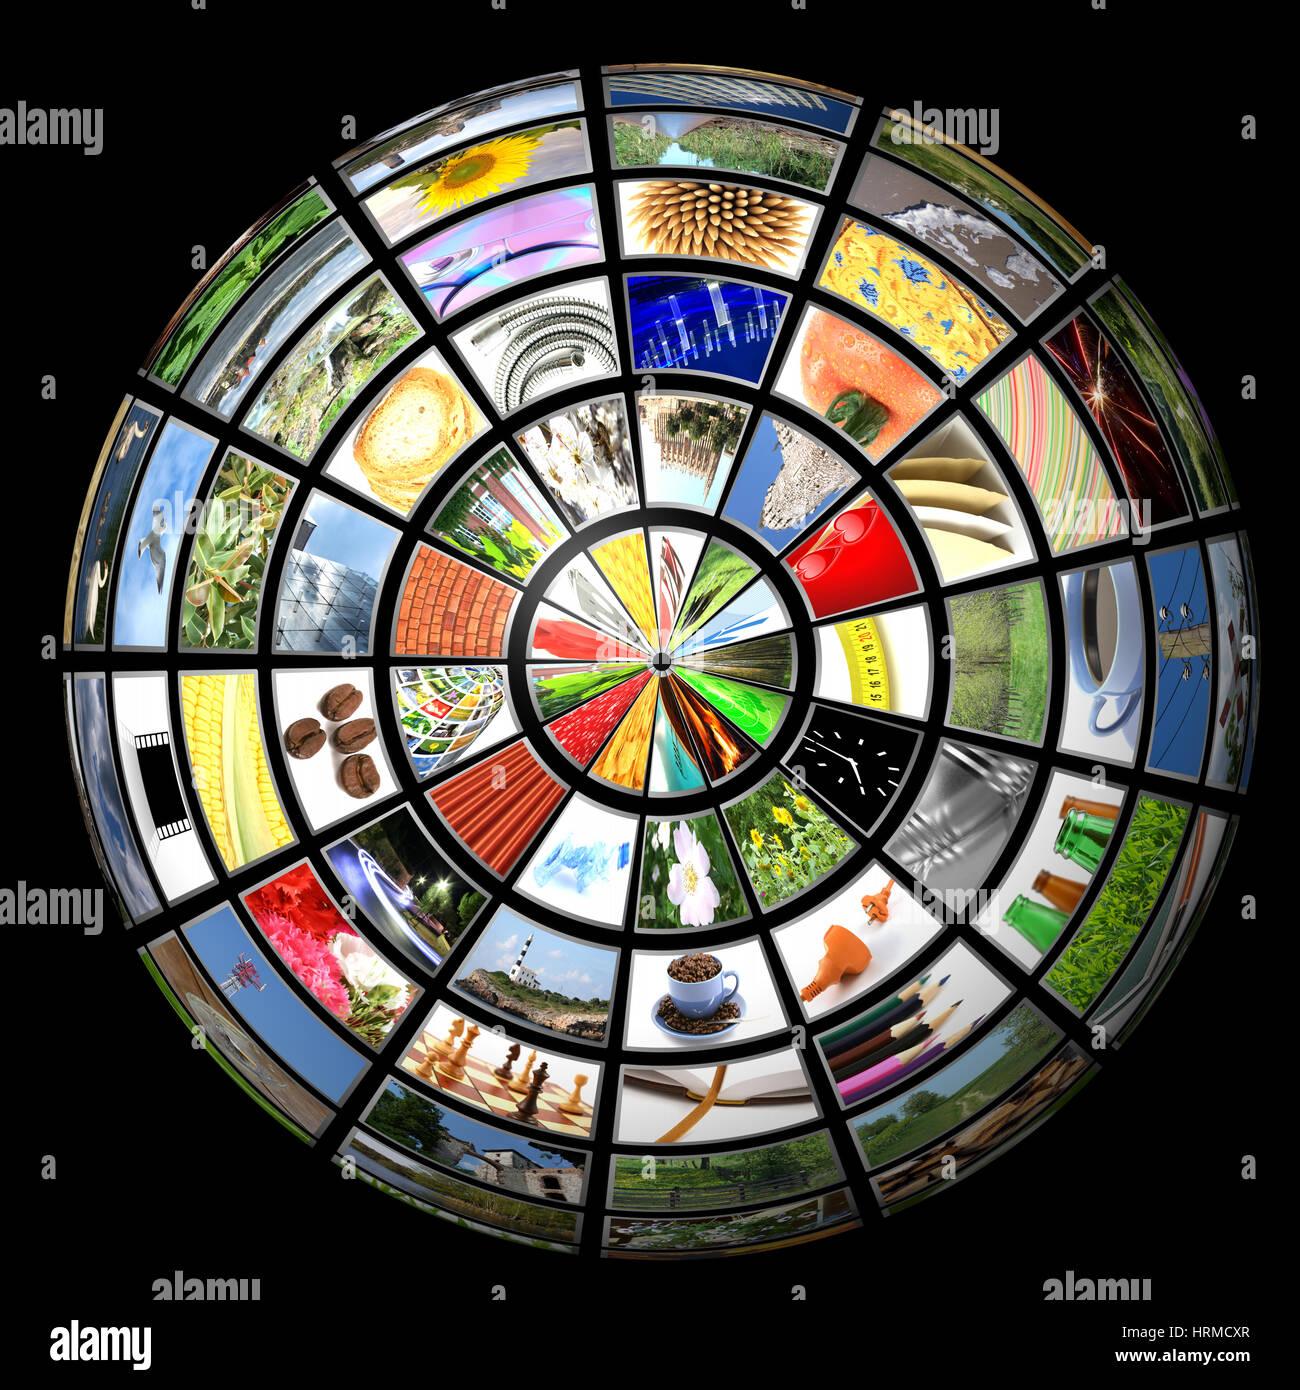 Tv news mobile imternet multimedia sphere. - Stock Image